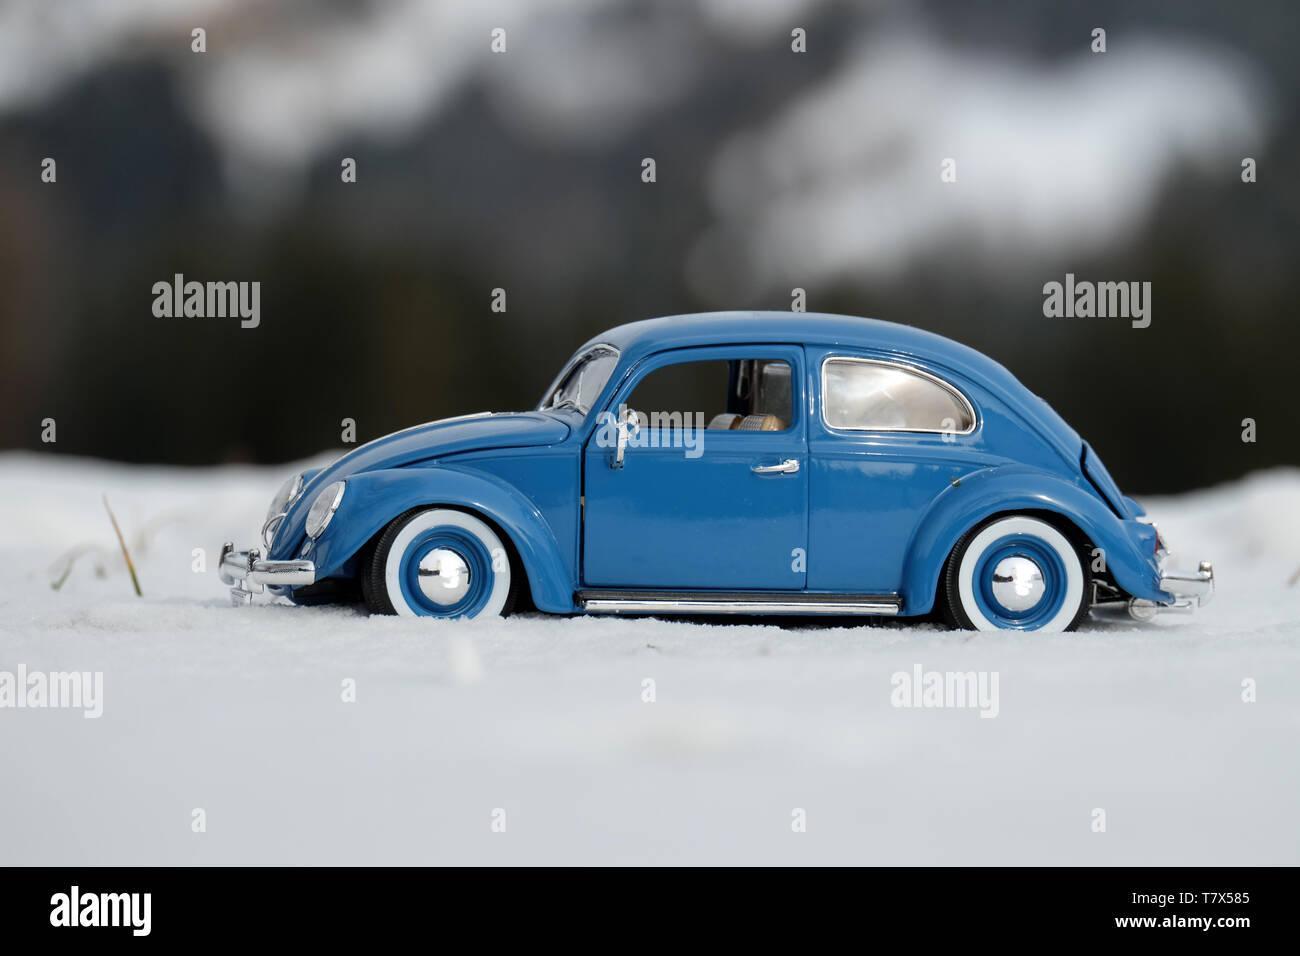 BLUE OLDTIMER & WHITE SNOW - Stock Image